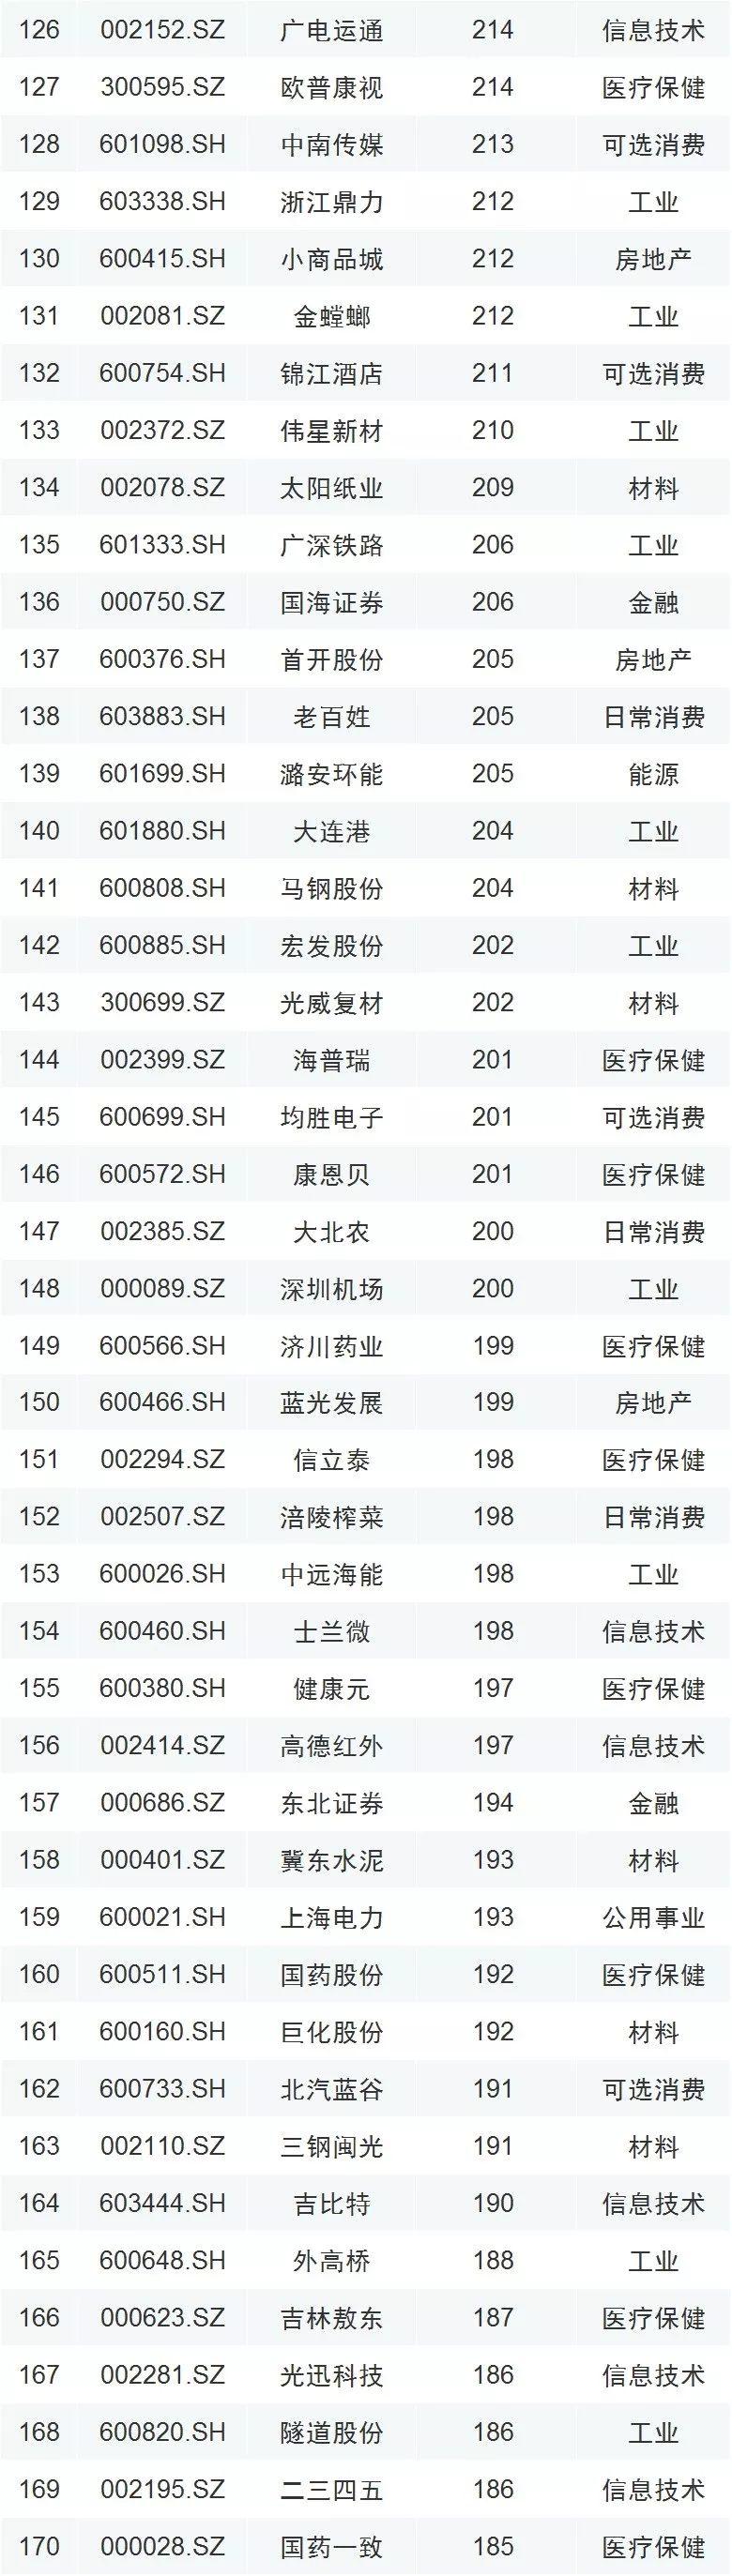 万博滚球app,谢文骏赛后答记者问:我的黄金期在这两年里